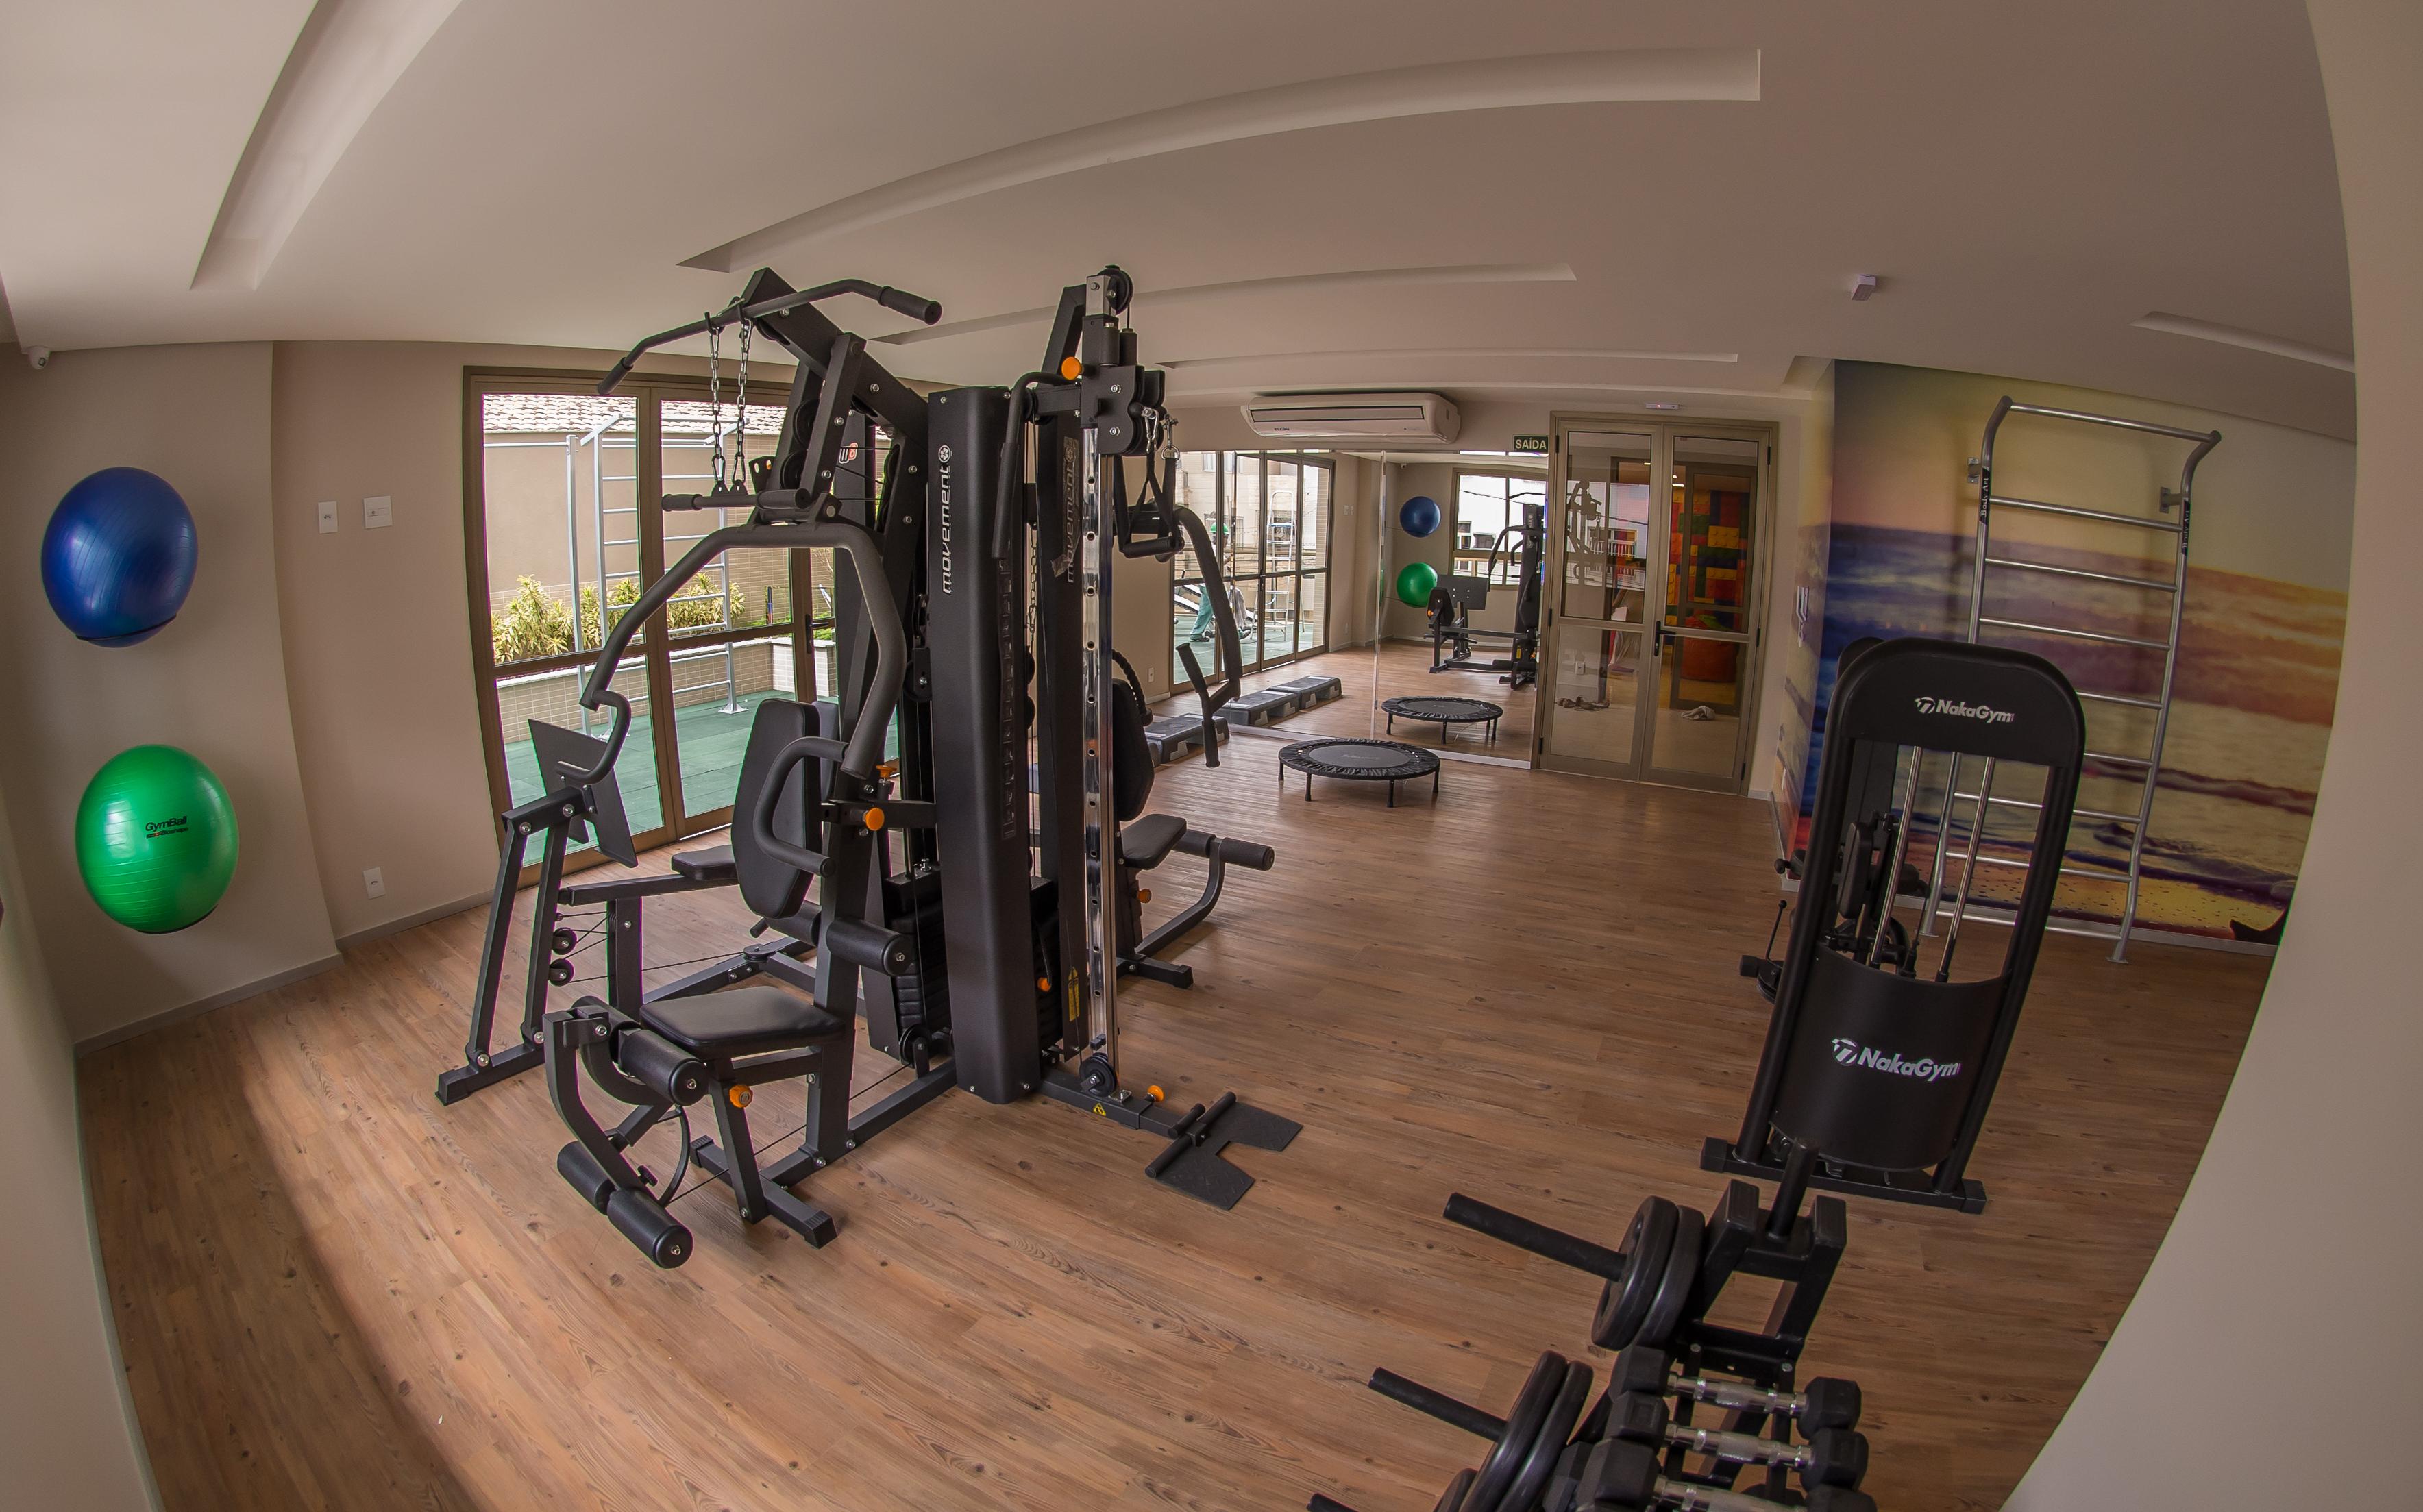 Equipada com wifi e integrada com espaço mais saúde, a academia do condomínio Mirador Camburi.